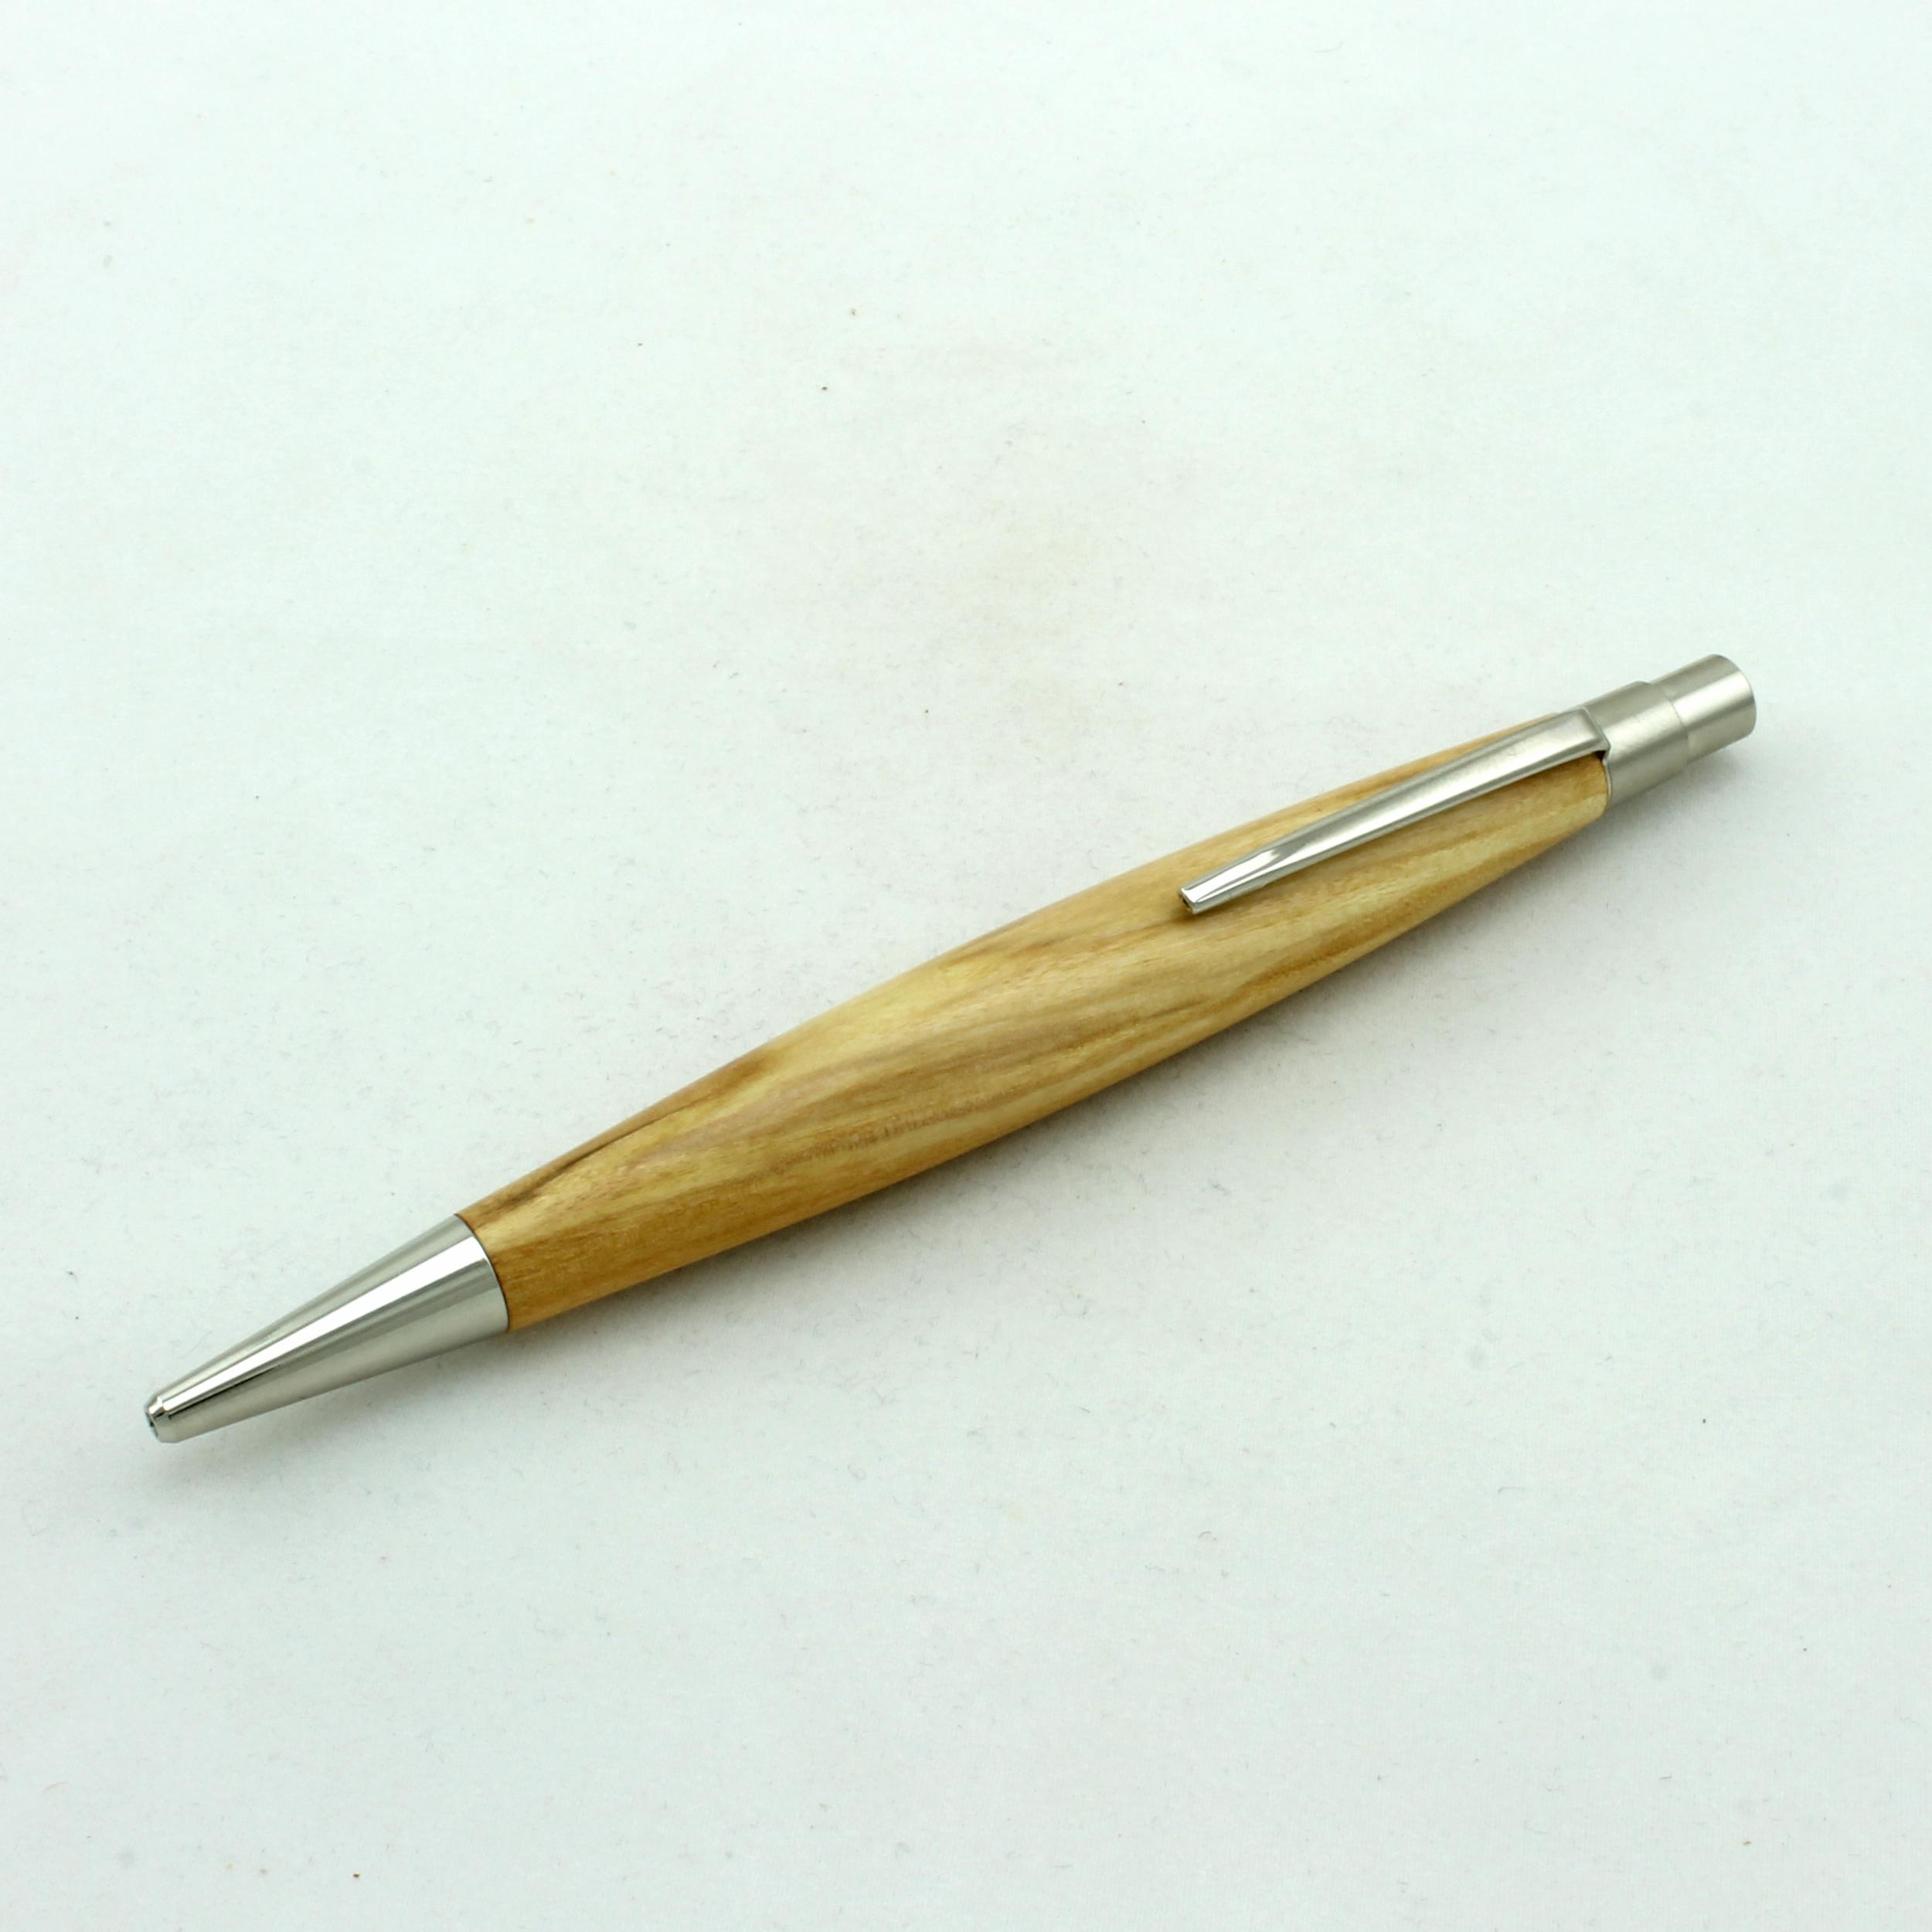 Klick-Kugelschreiber Berlin Weide stabilisiert